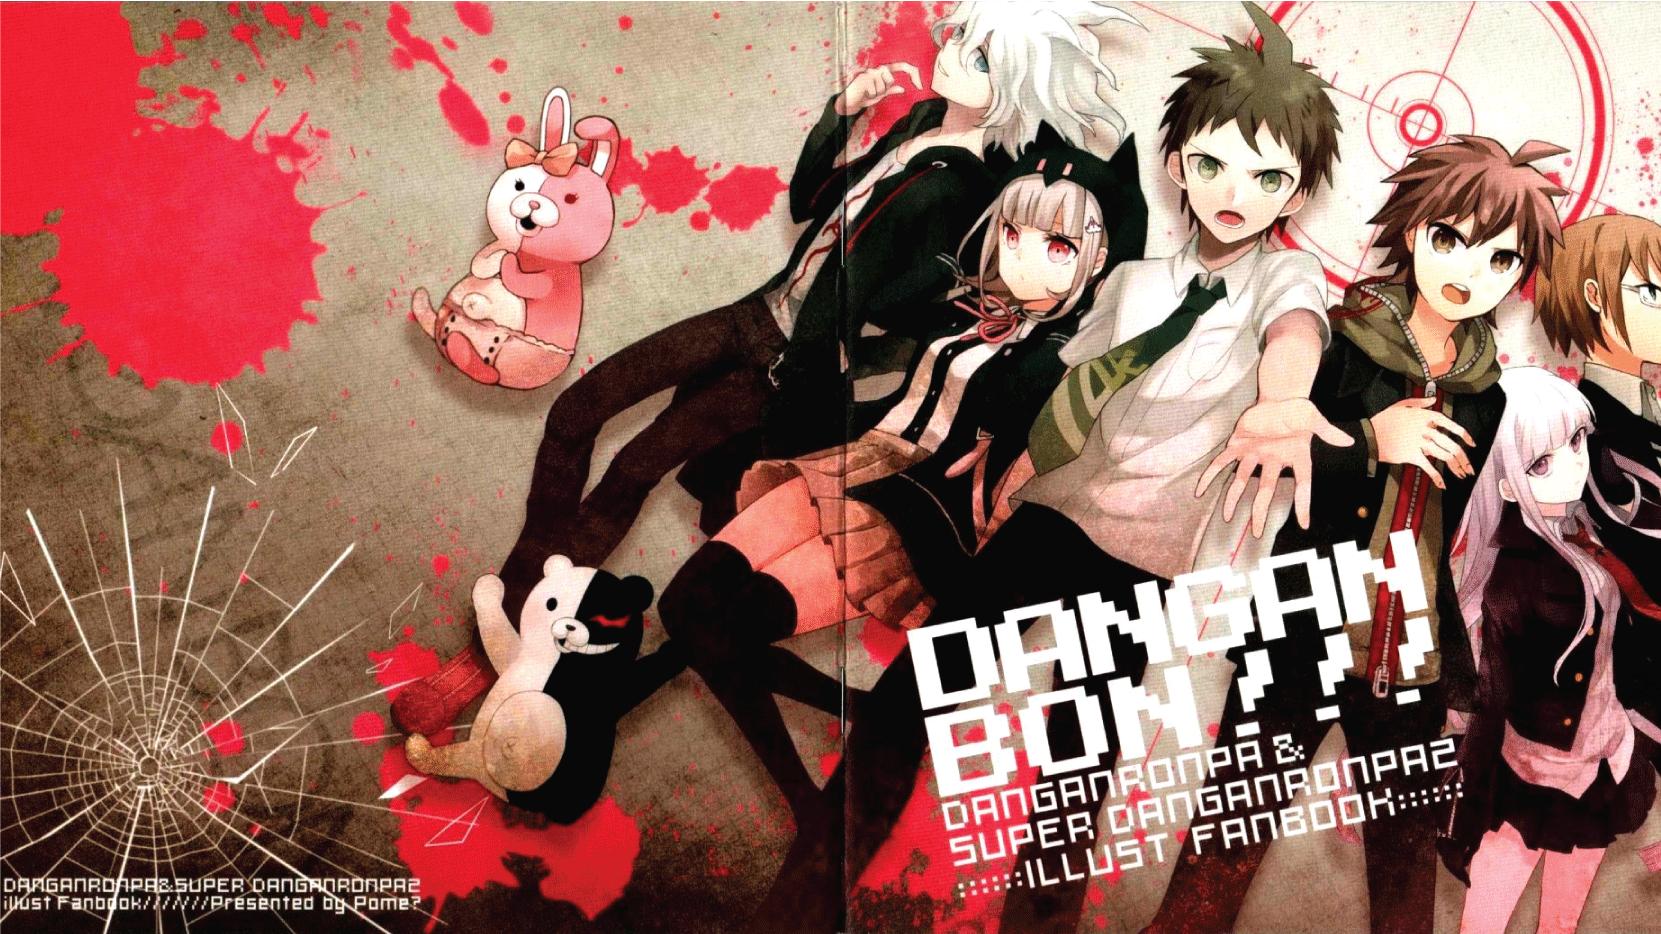 Danganronpa Light Novel Order: